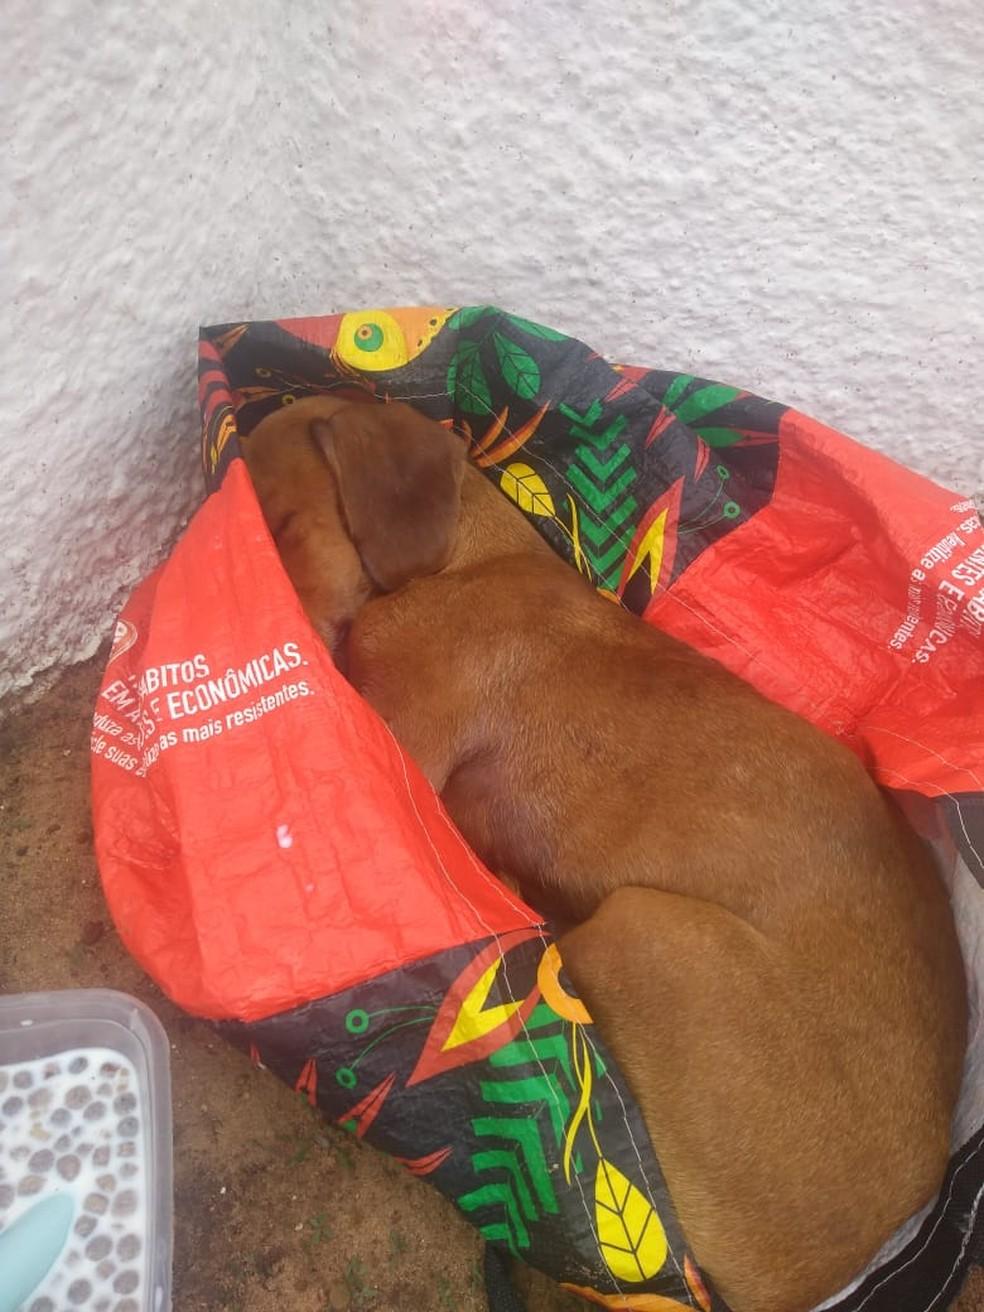 Cachorro foi abandonado dentro de sacola em Catanduva — Foto: Amanda Franco